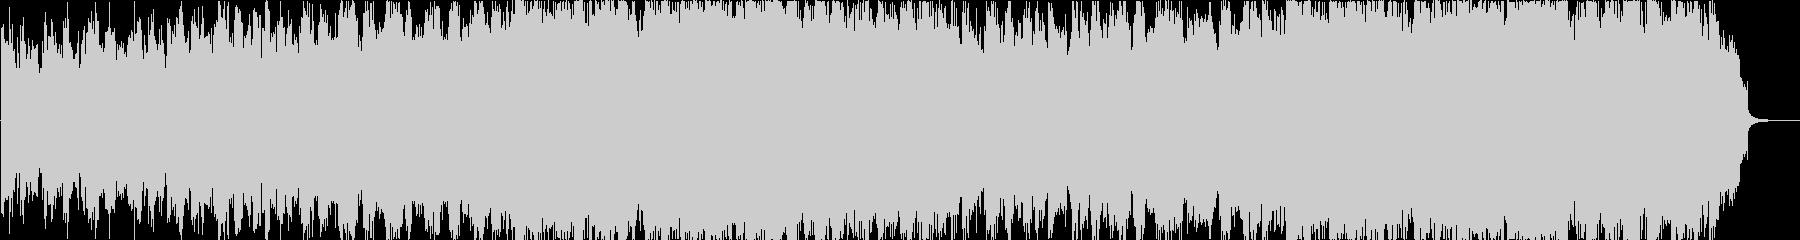 大スぺクタルシーン向きの壮大なオケです。の未再生の波形